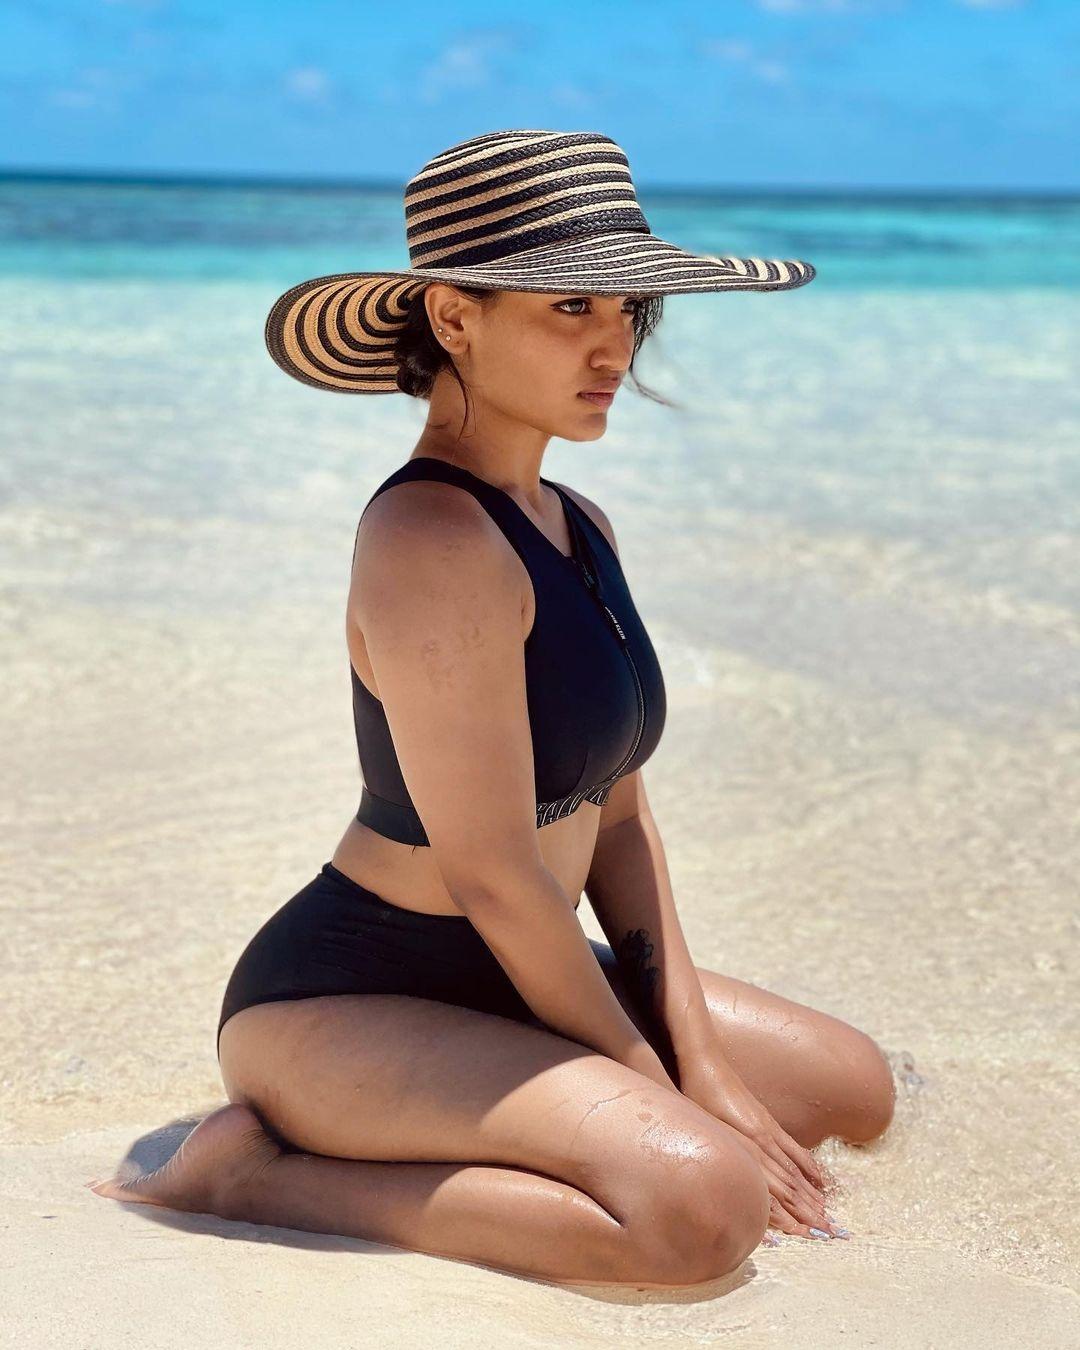 saniya iyappan hot bikini pics